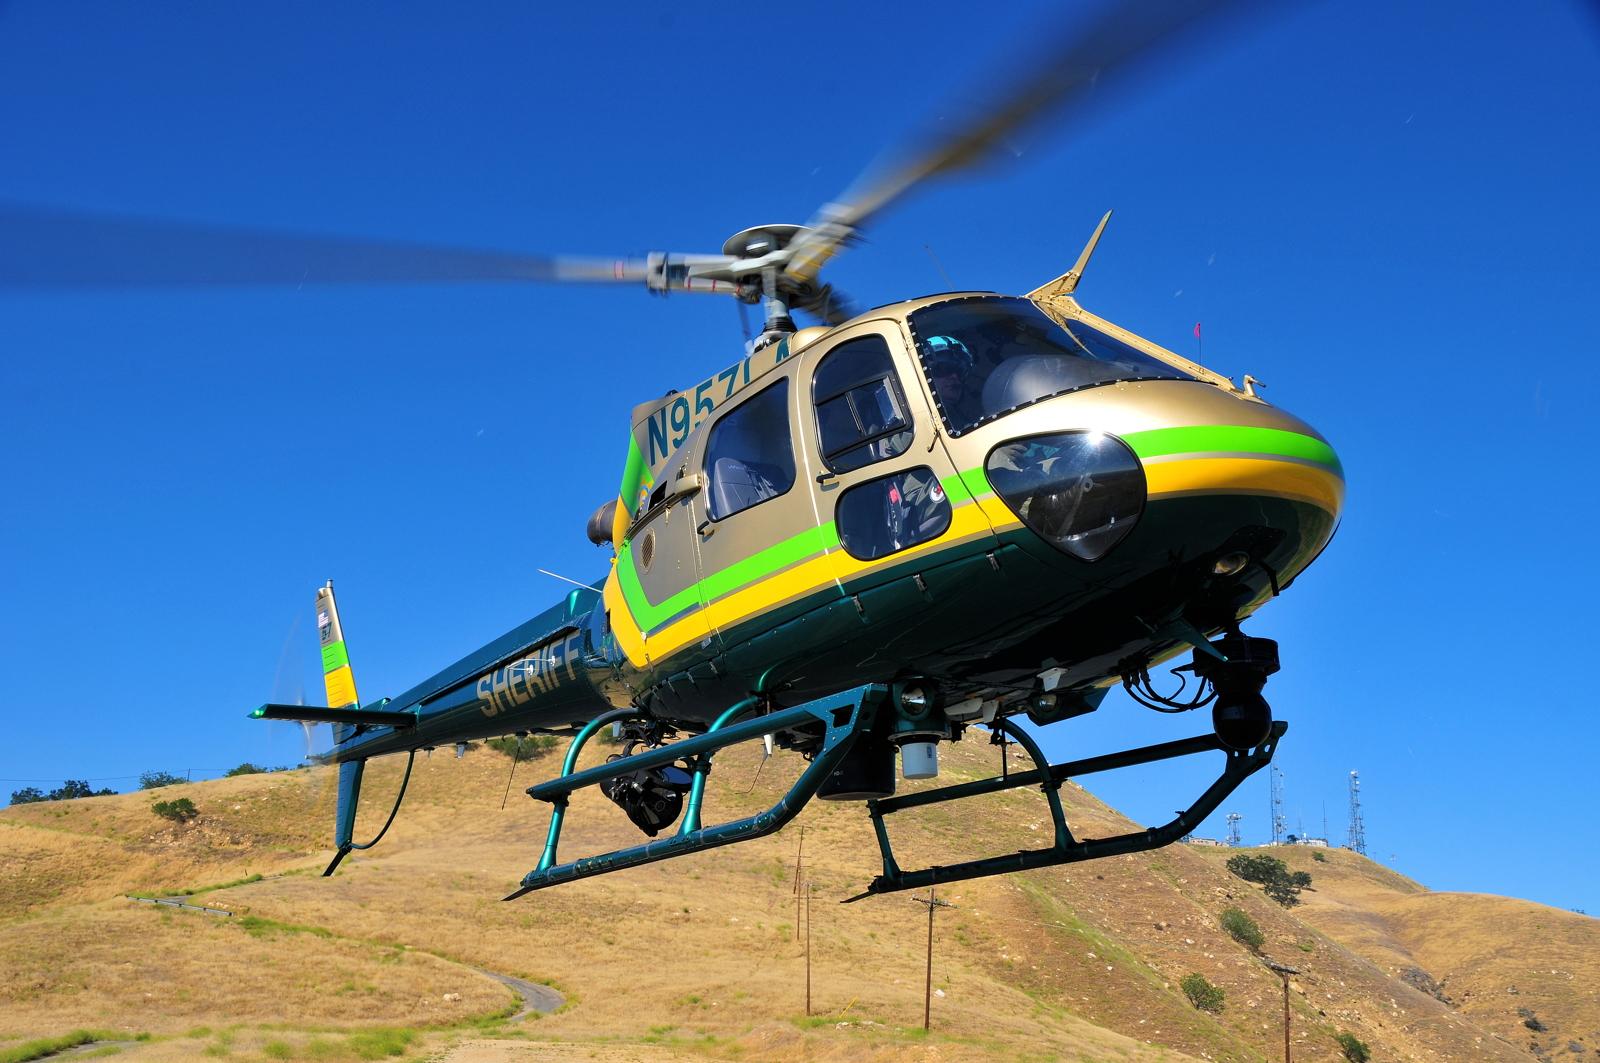 LASD AStar helicopter